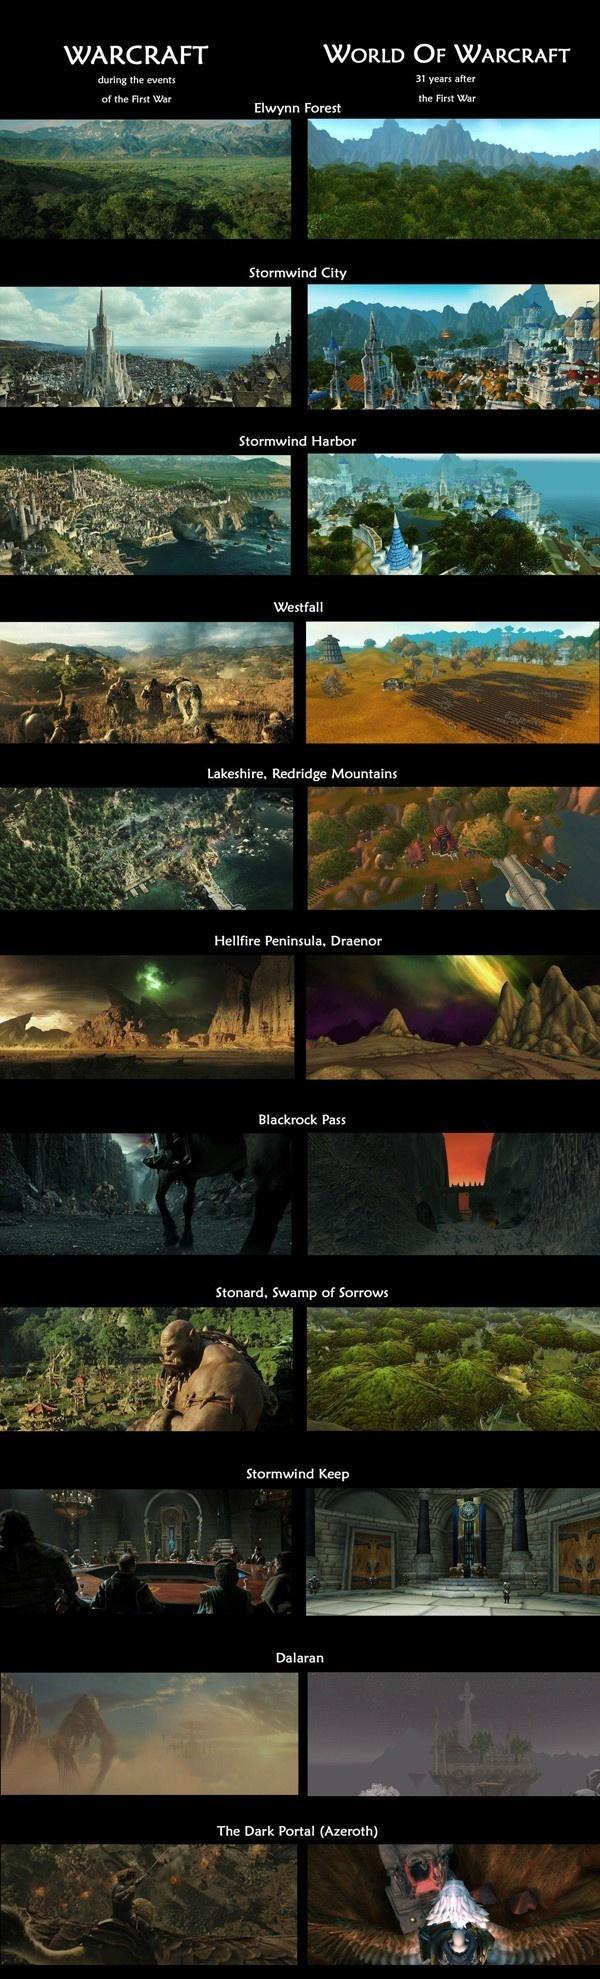 comparação game e filme